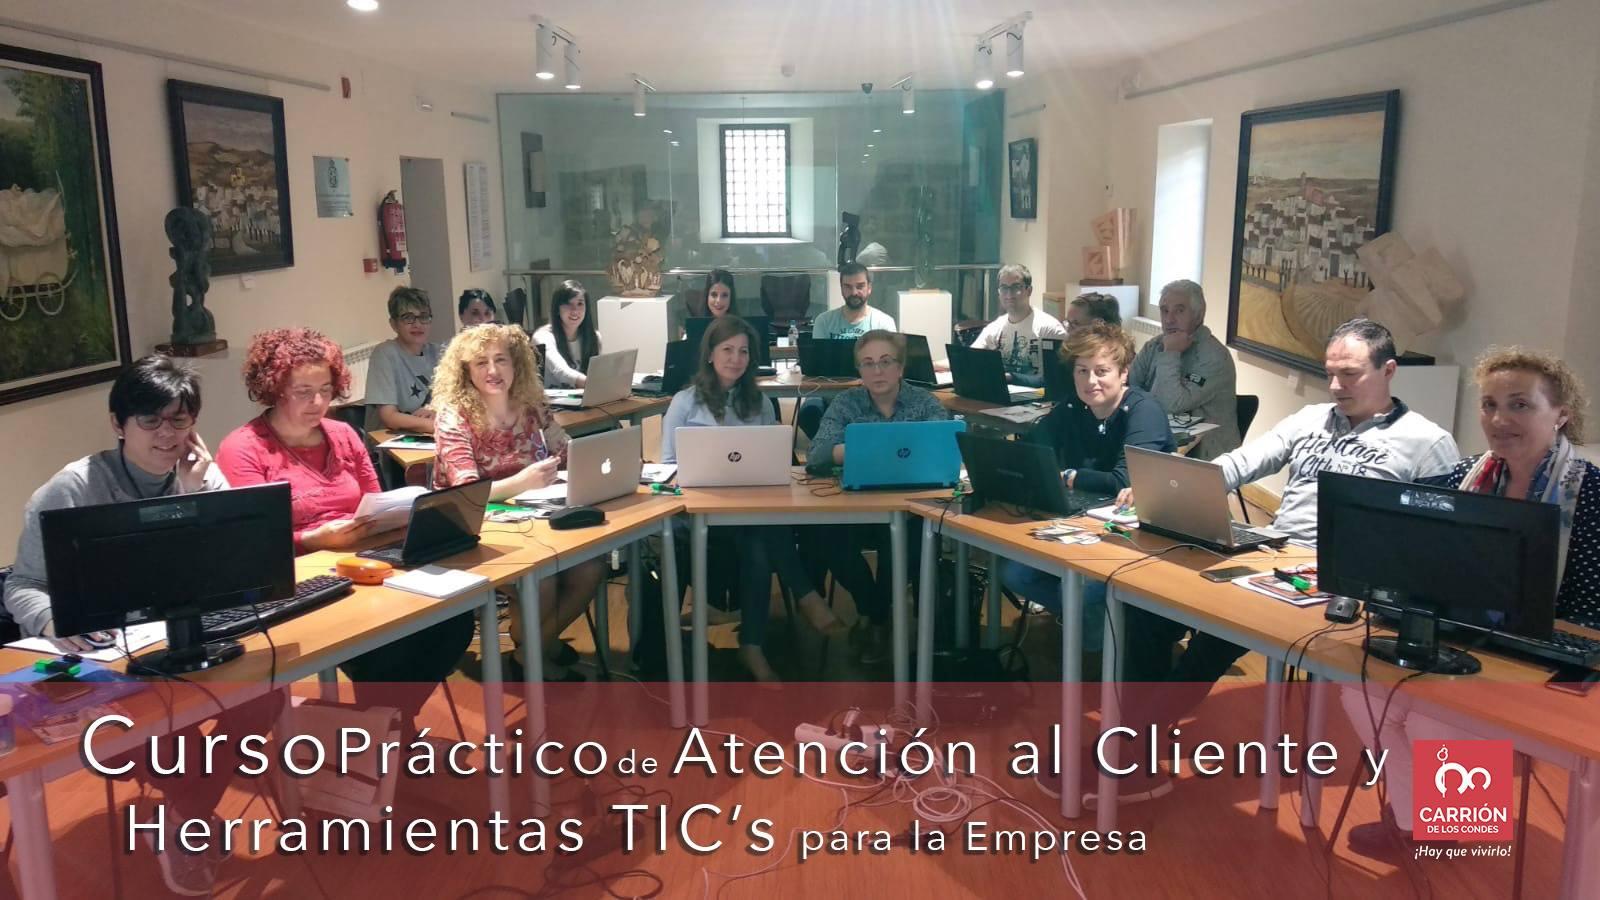 Curso de Atención al Cliente y Herramientas TIC para la empresa en Carrión de los Condes dentro de los proyectos formativos para el desarrollo de la comarca de Tierra de Campos Palentina